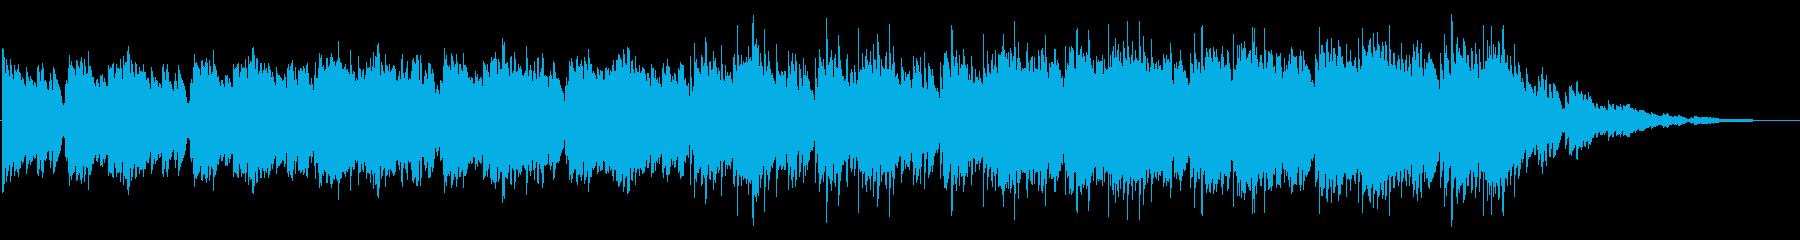 ピアノ中心で暗い雰囲気のインスト曲の再生済みの波形